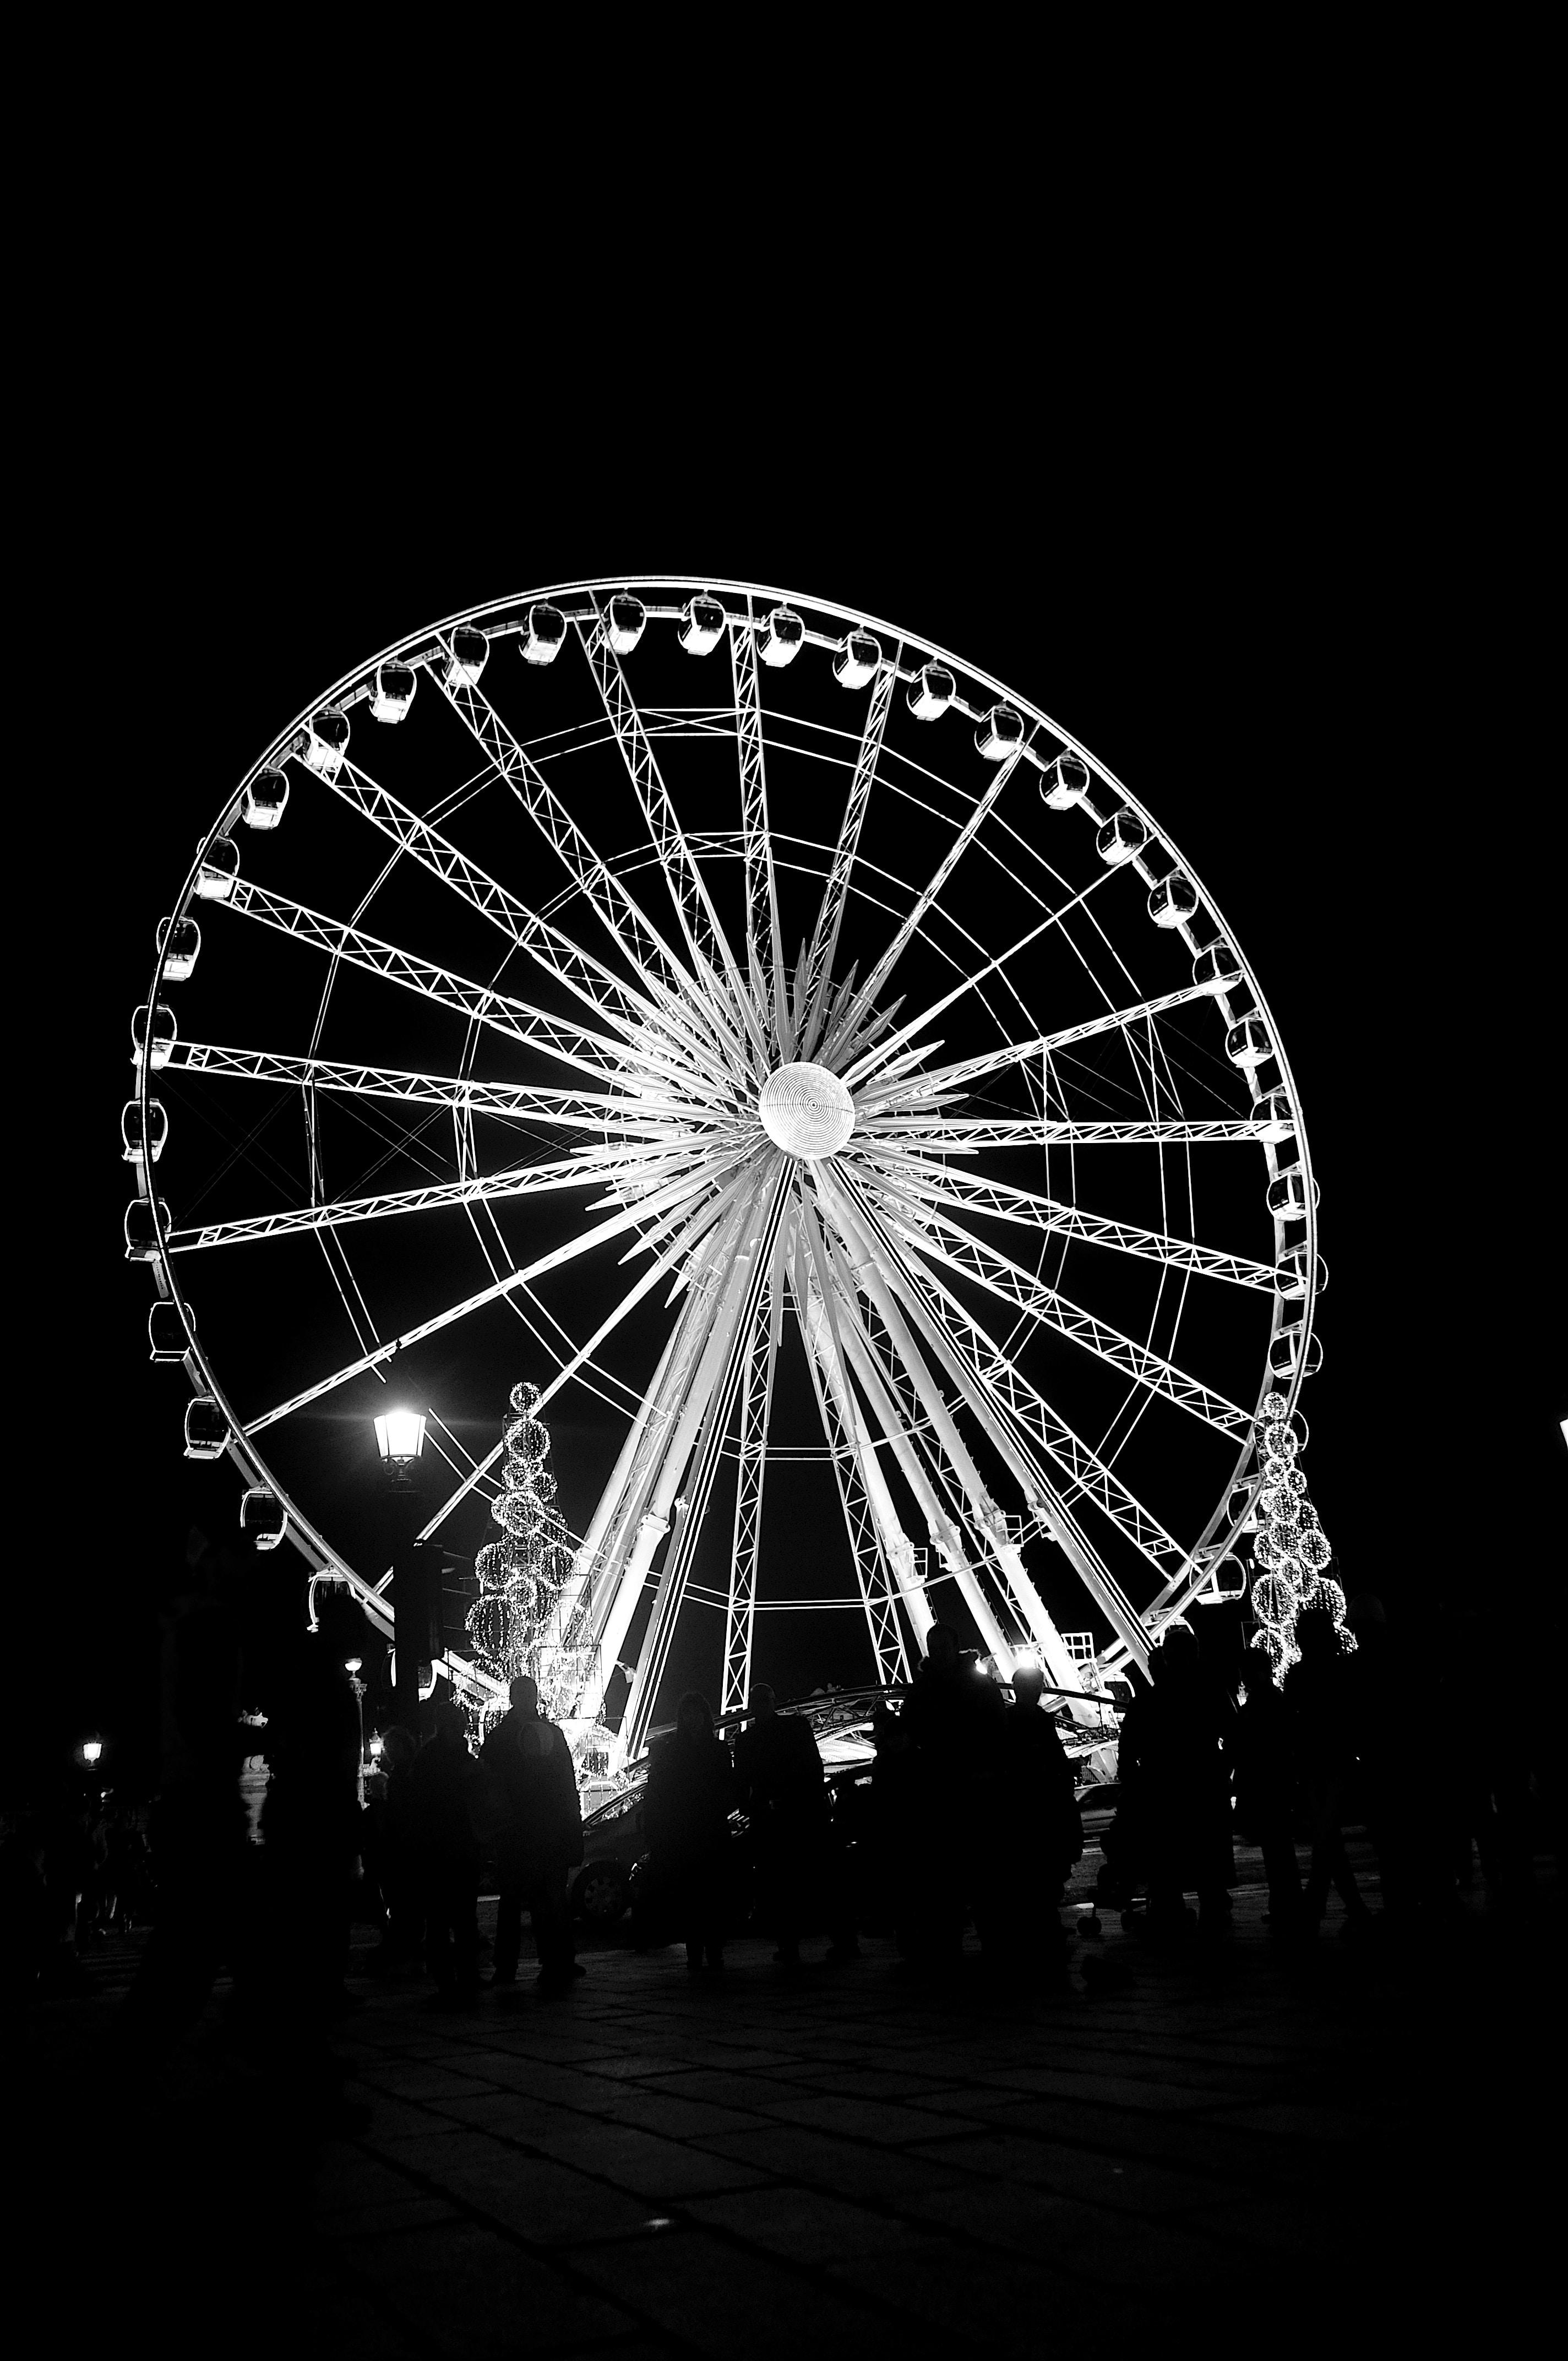 people standing near Ferris Wheel